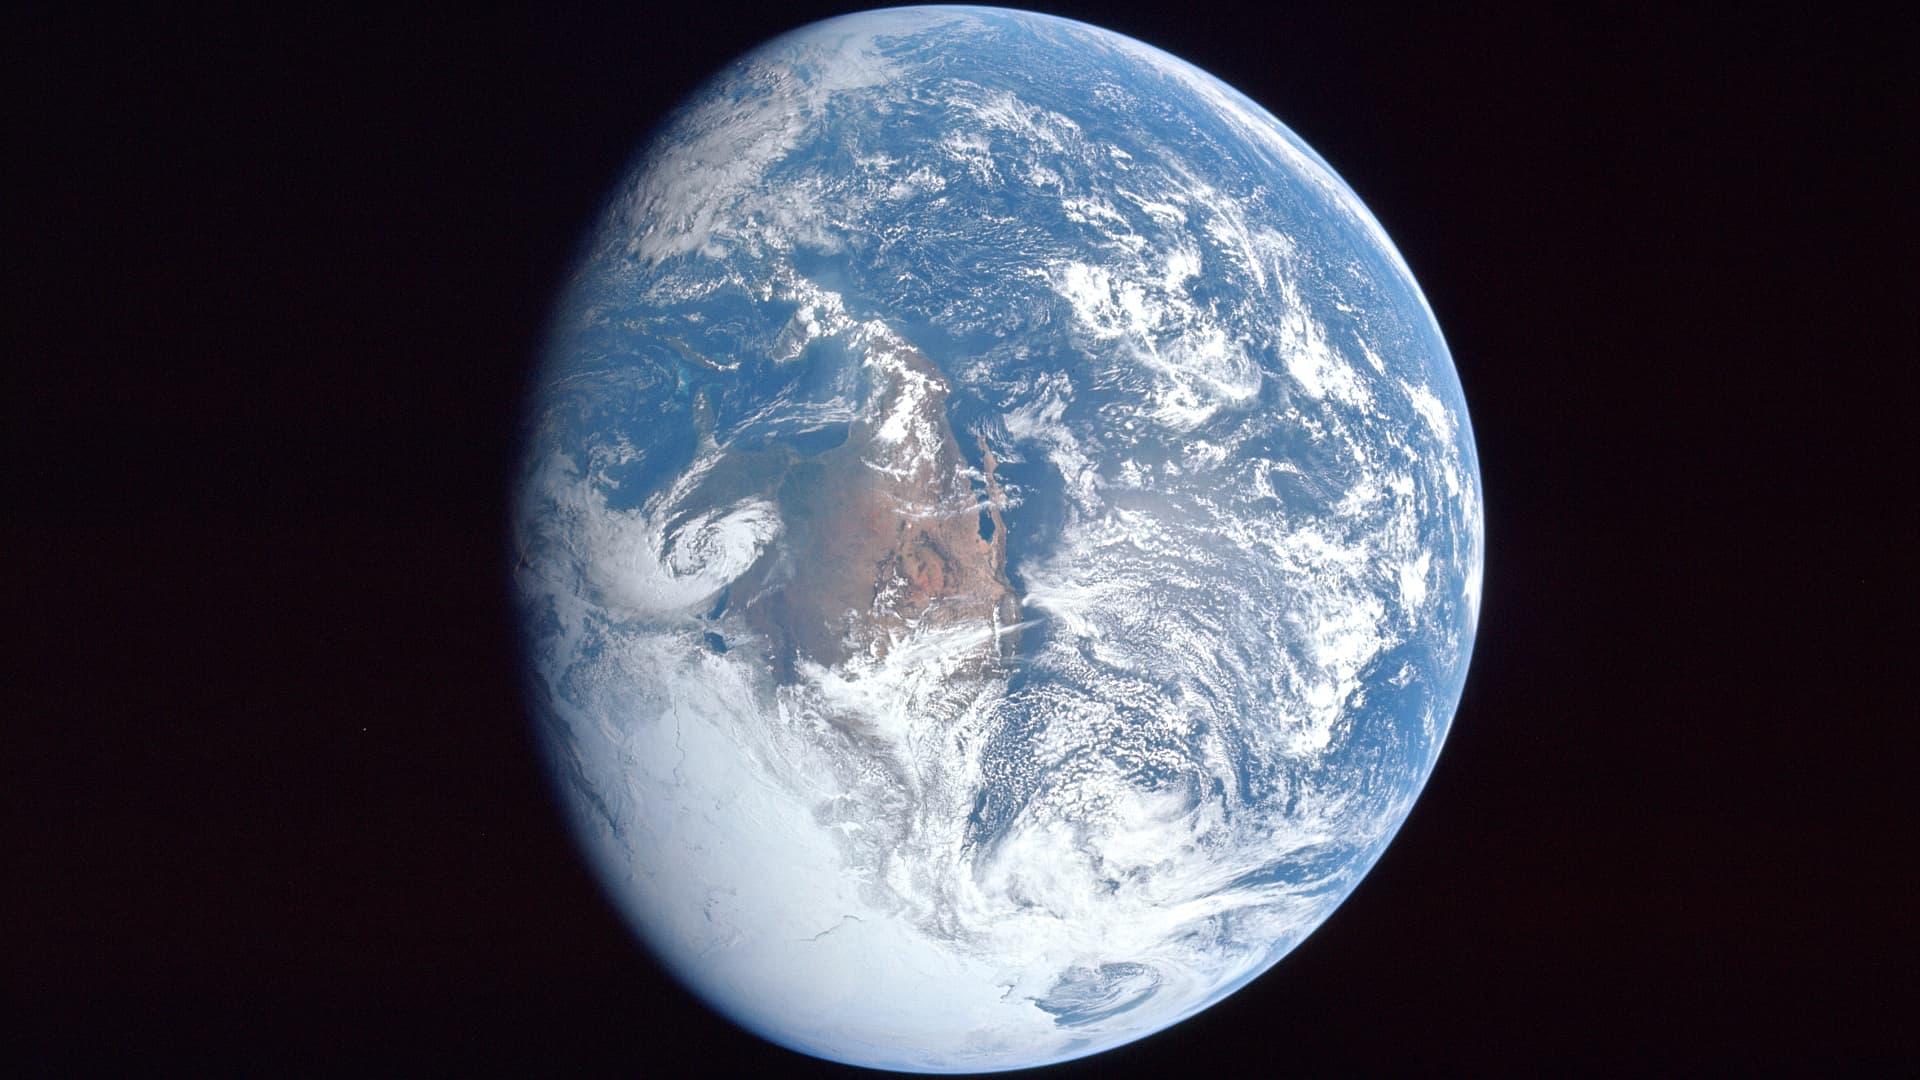 In Welche Richtung Dreht Sich Die Erde